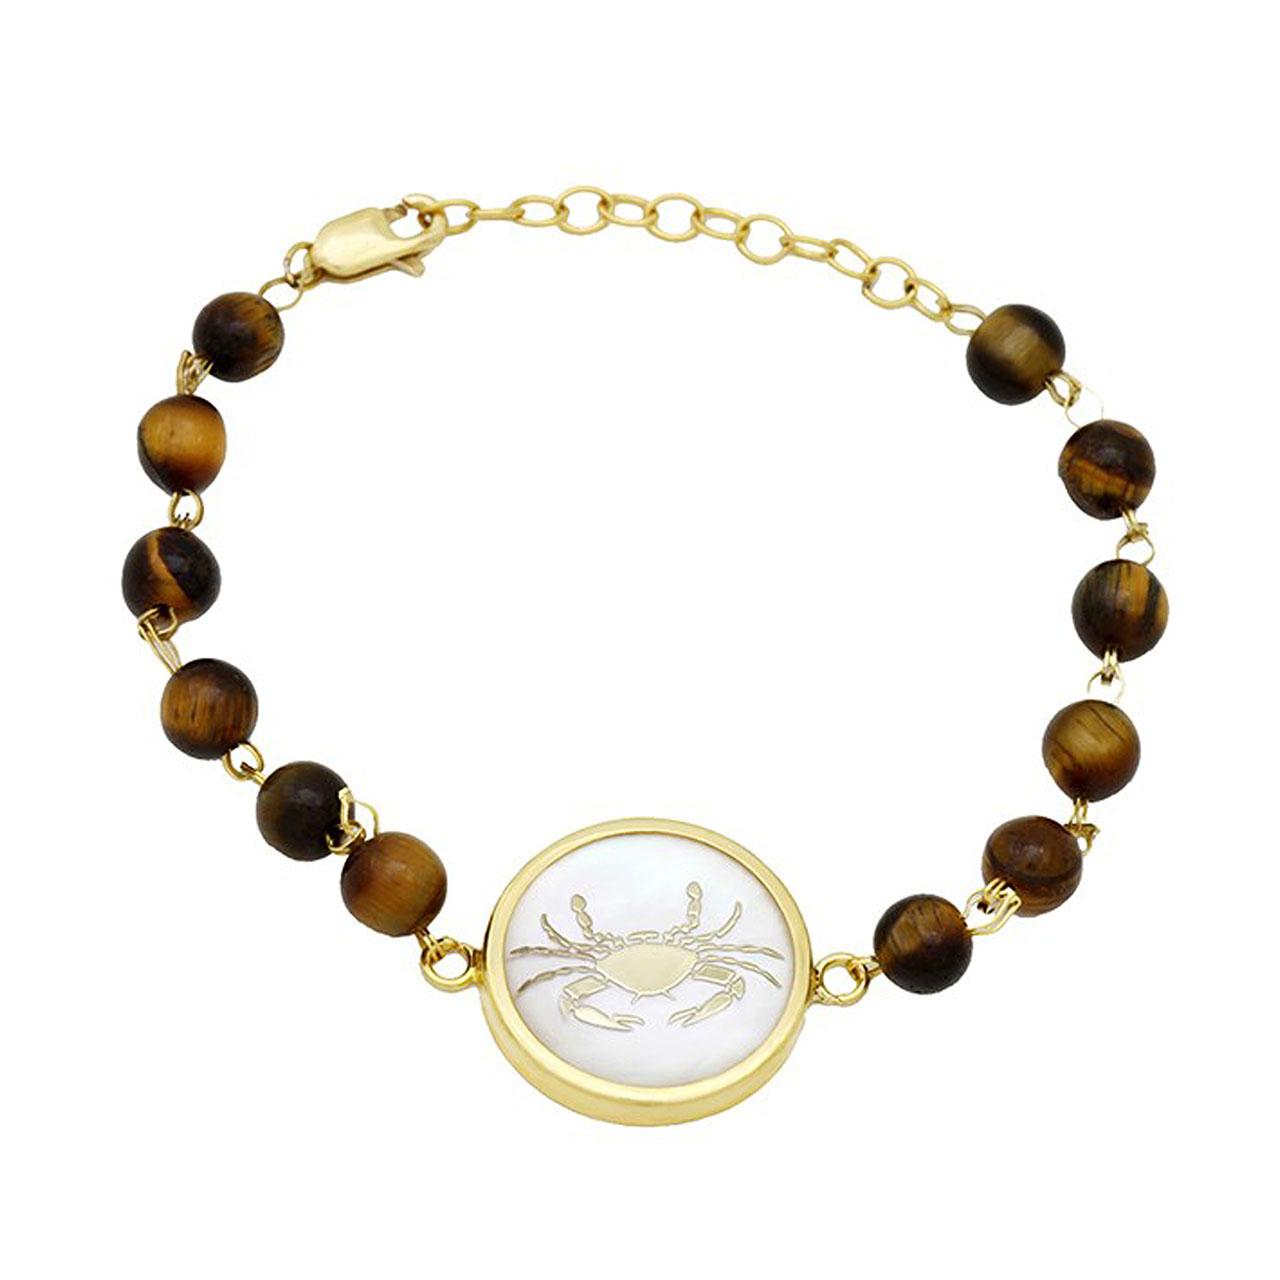 دستبند طلا 18 عیار ماهک مدل MB0116 - مایا ماهک -  - 4